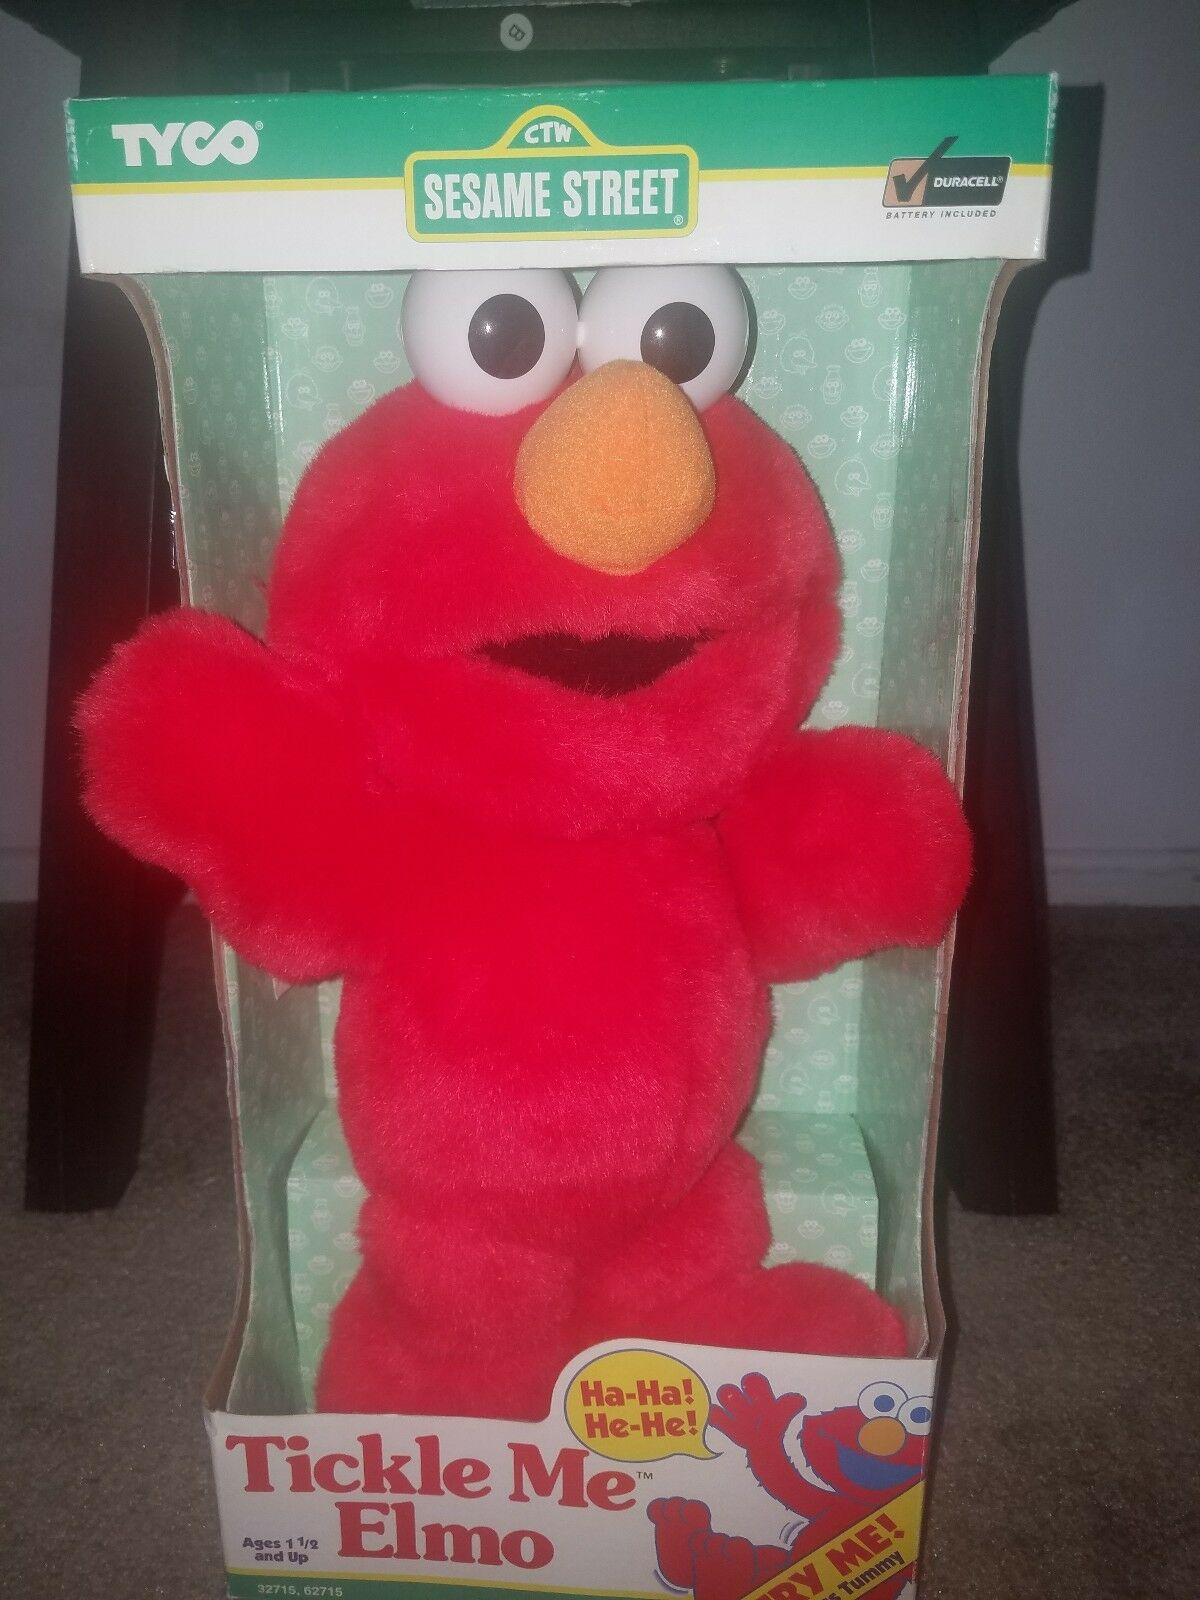 Original Tickle Me Elmo muñeca, por Tyco en 2018, totalmente nuevo en la Caja Raro